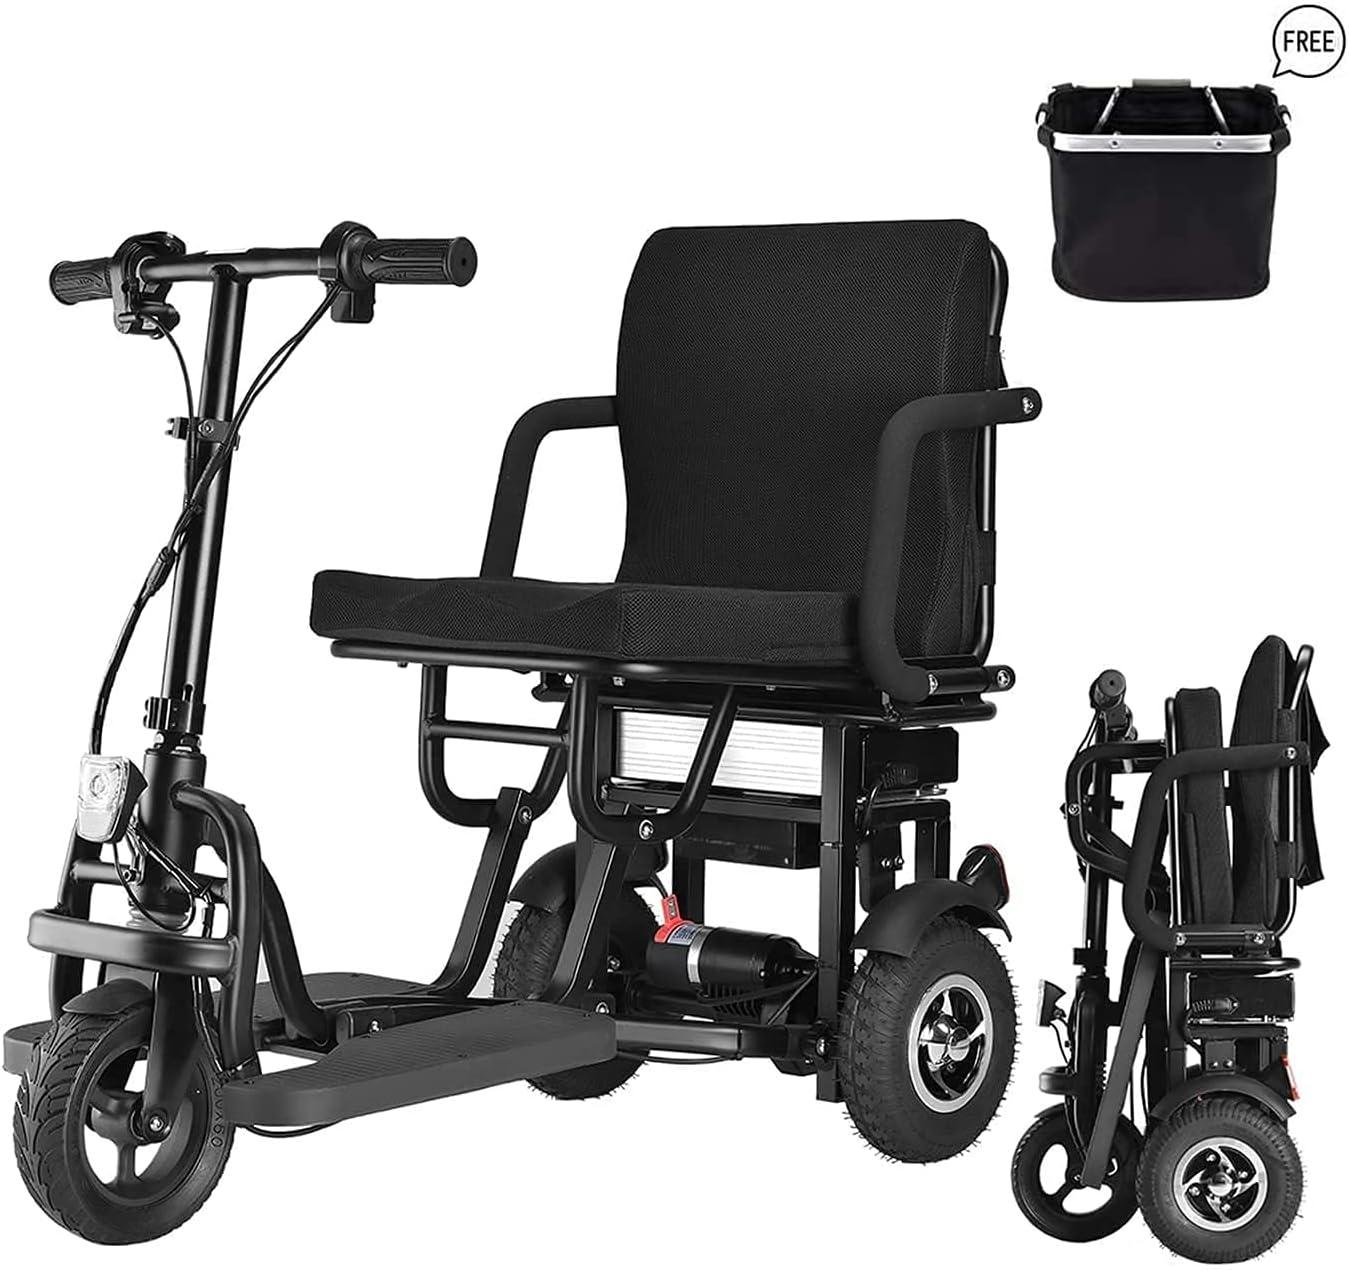 SLRMKK Scooter de Movilidad eléctrico Plegable de 3 Ruedas, Ligeros y portátiles, Scooters de Viaje eléctricos - Soporta 120 kg de Peso, Solo 26 kg de Largo Alcance (12 km)